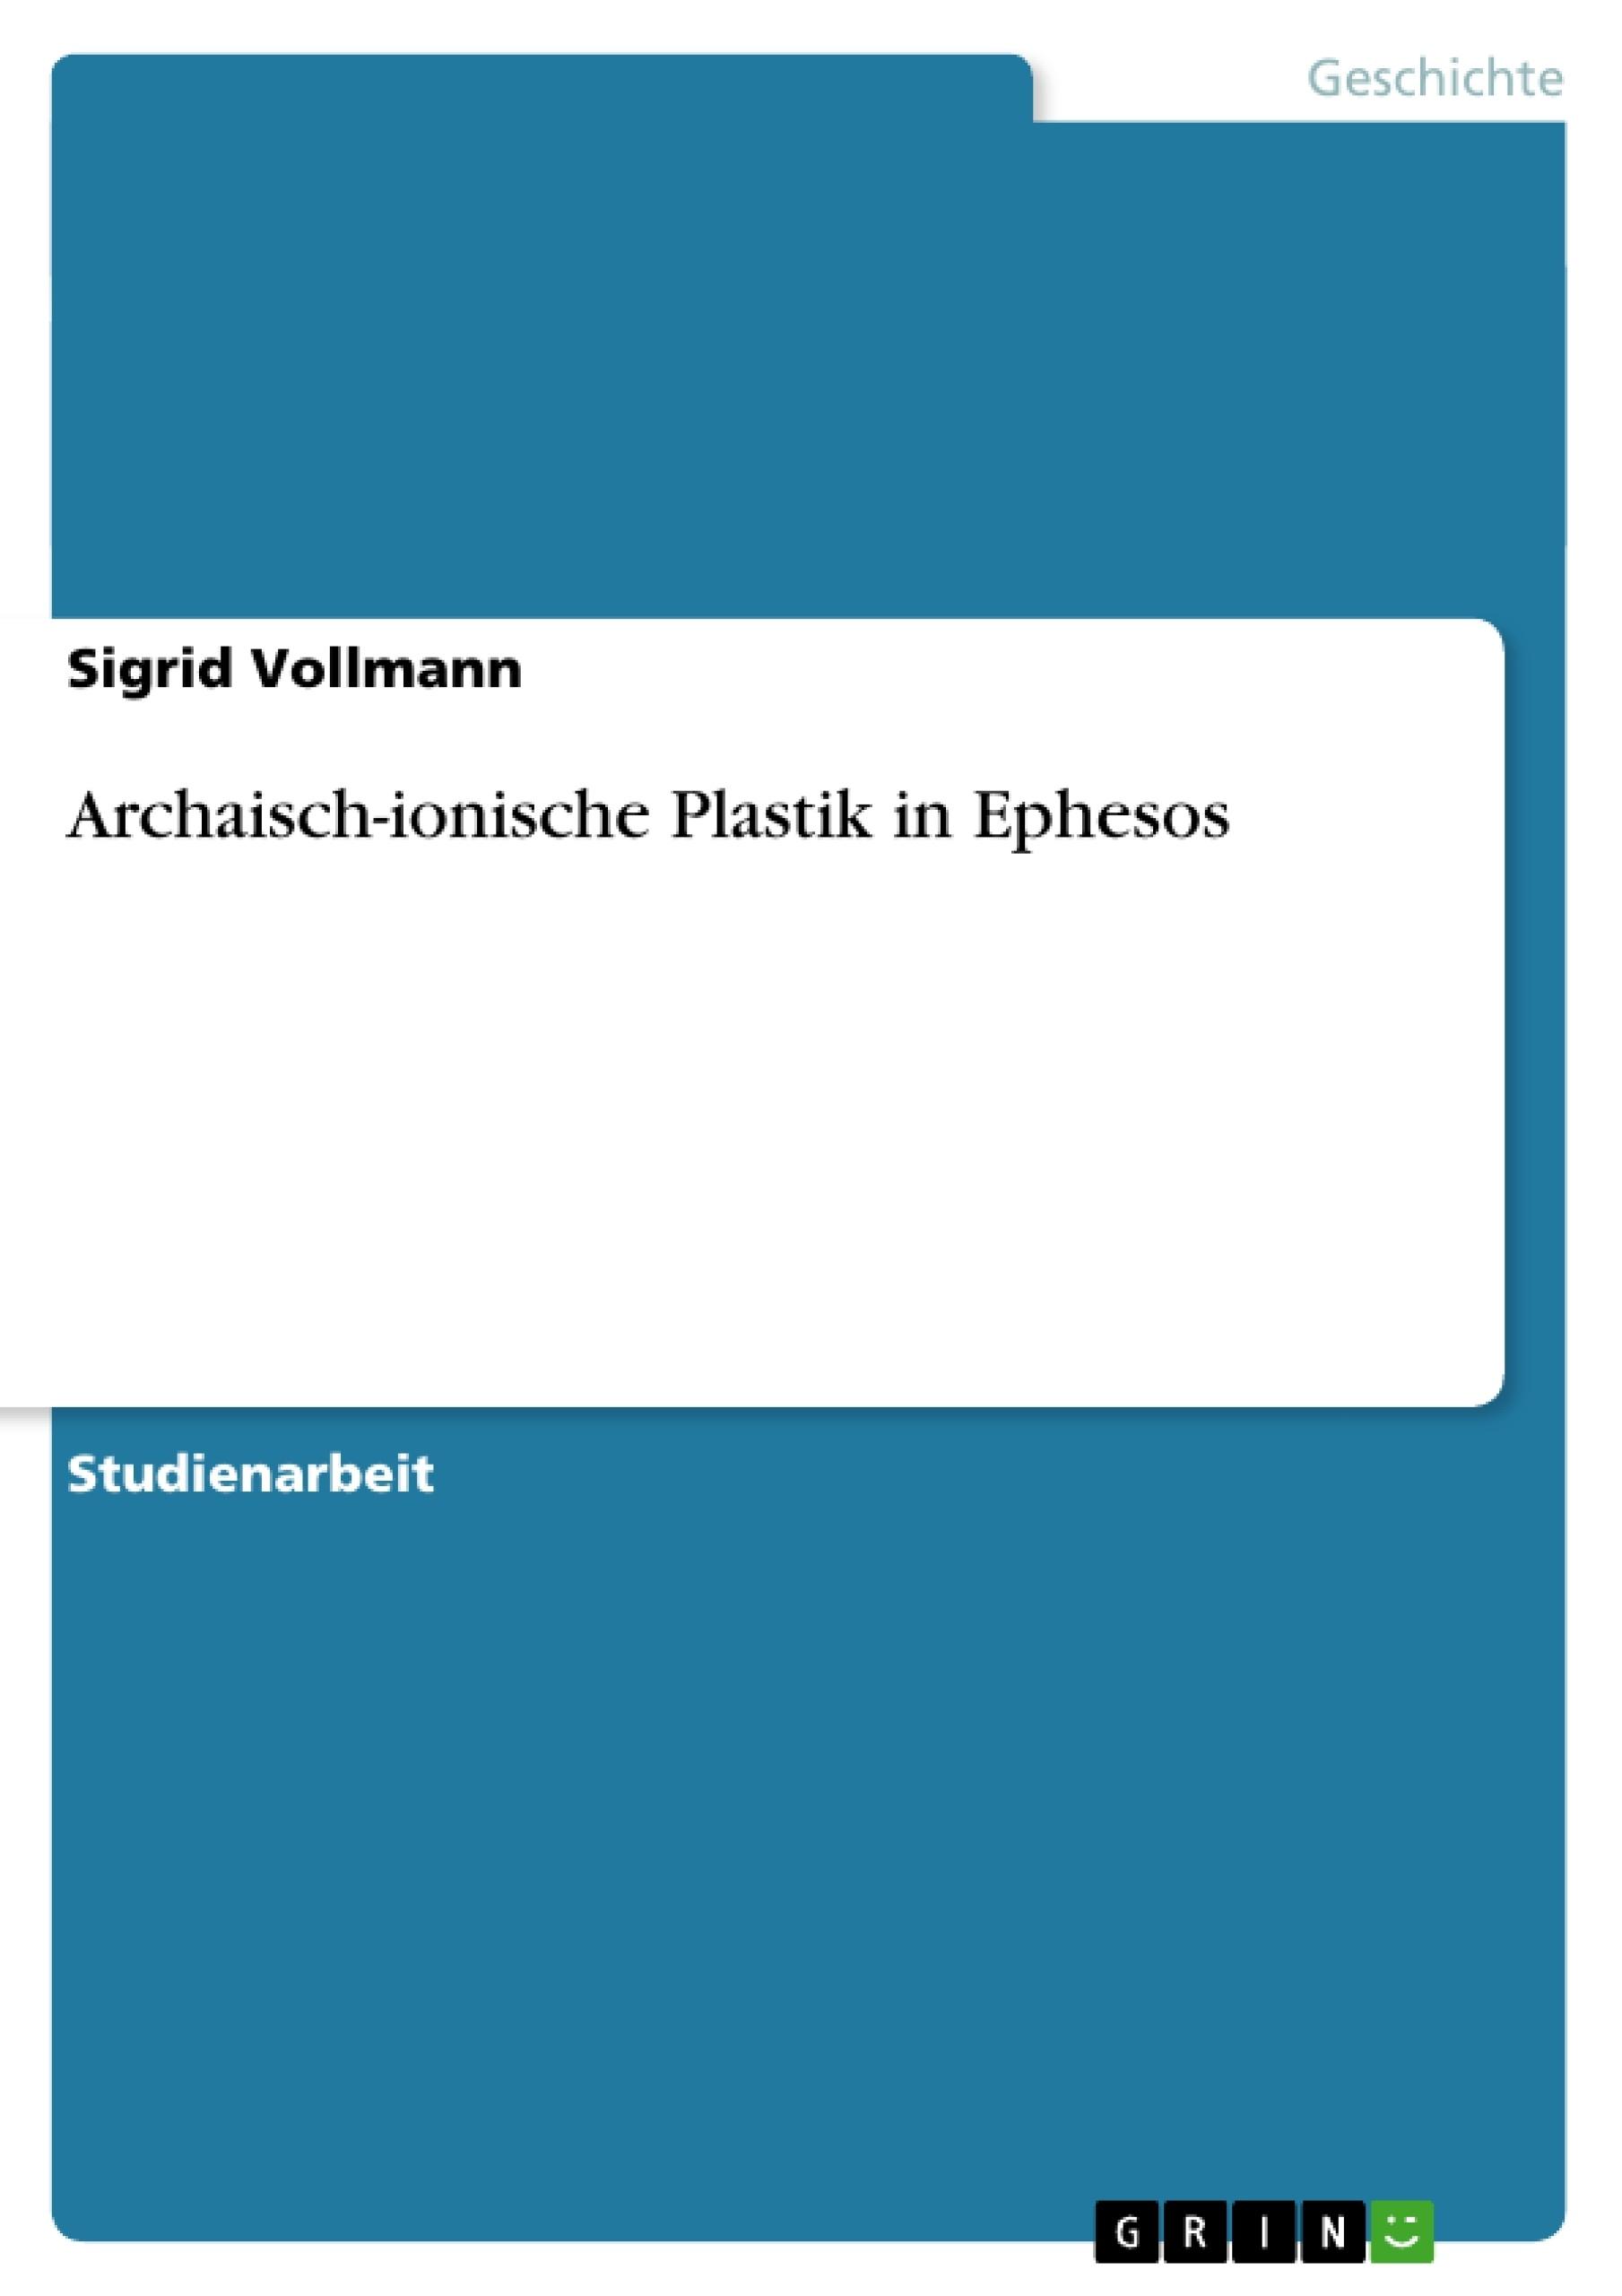 Titel: Archaisch-ionische Plastik in Ephesos